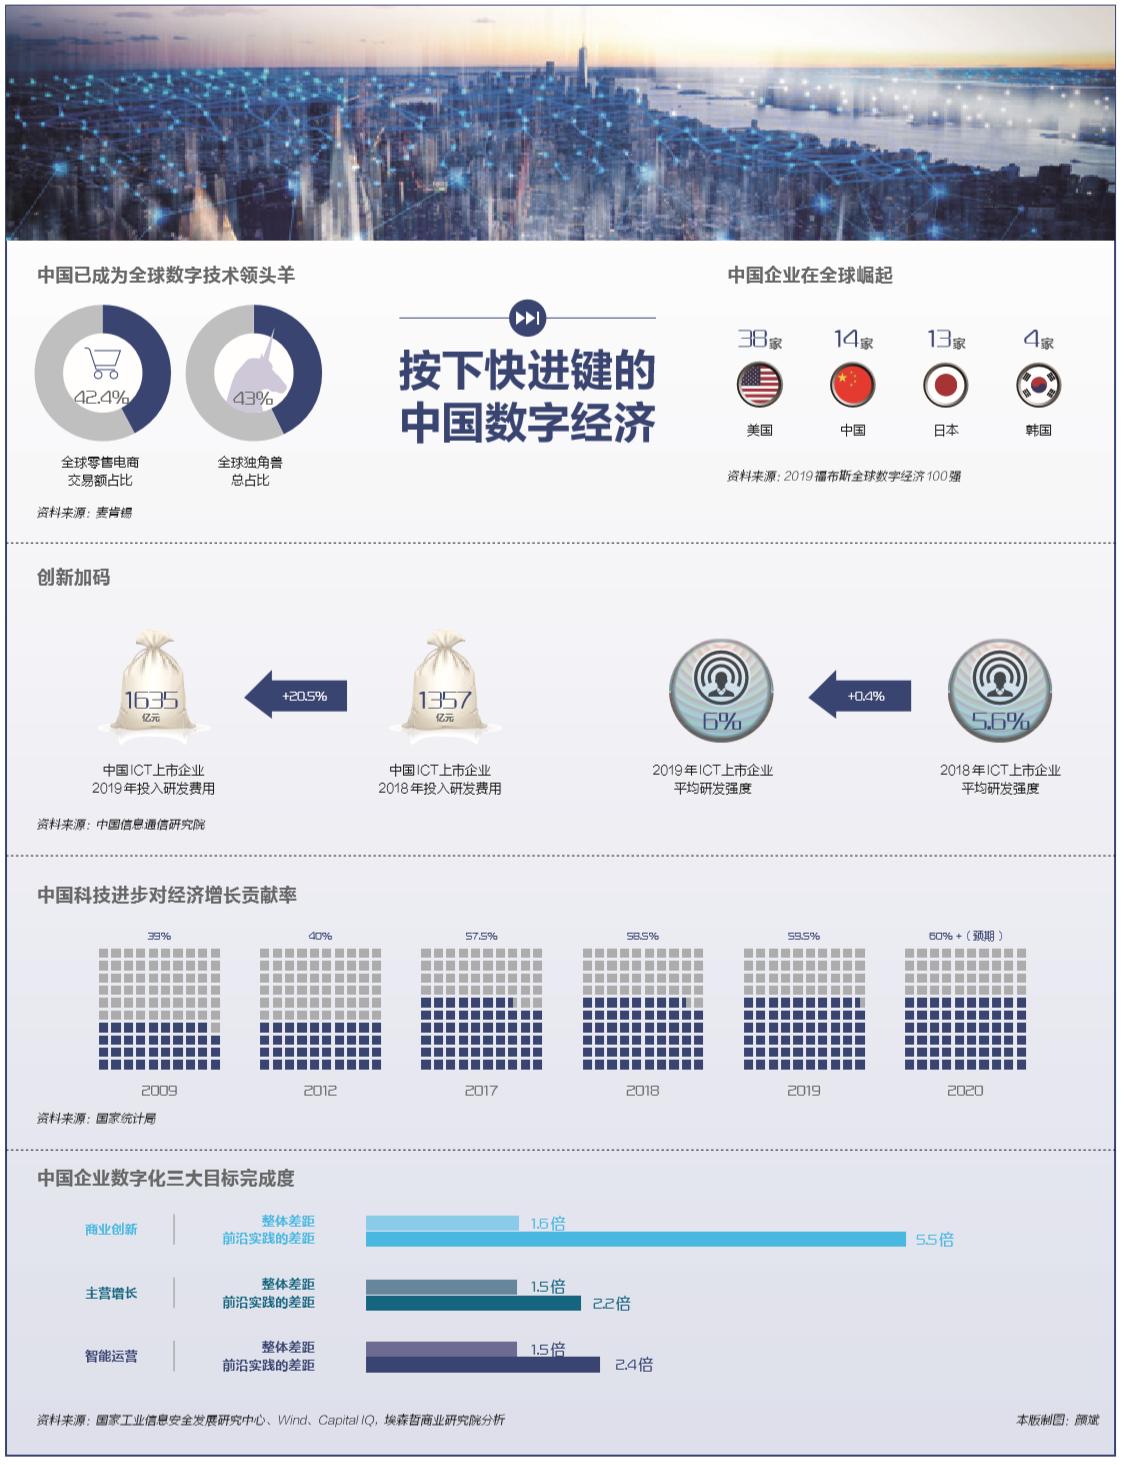 疫情之下,17万亿之上:中国数字经济如何裂变插图(7)